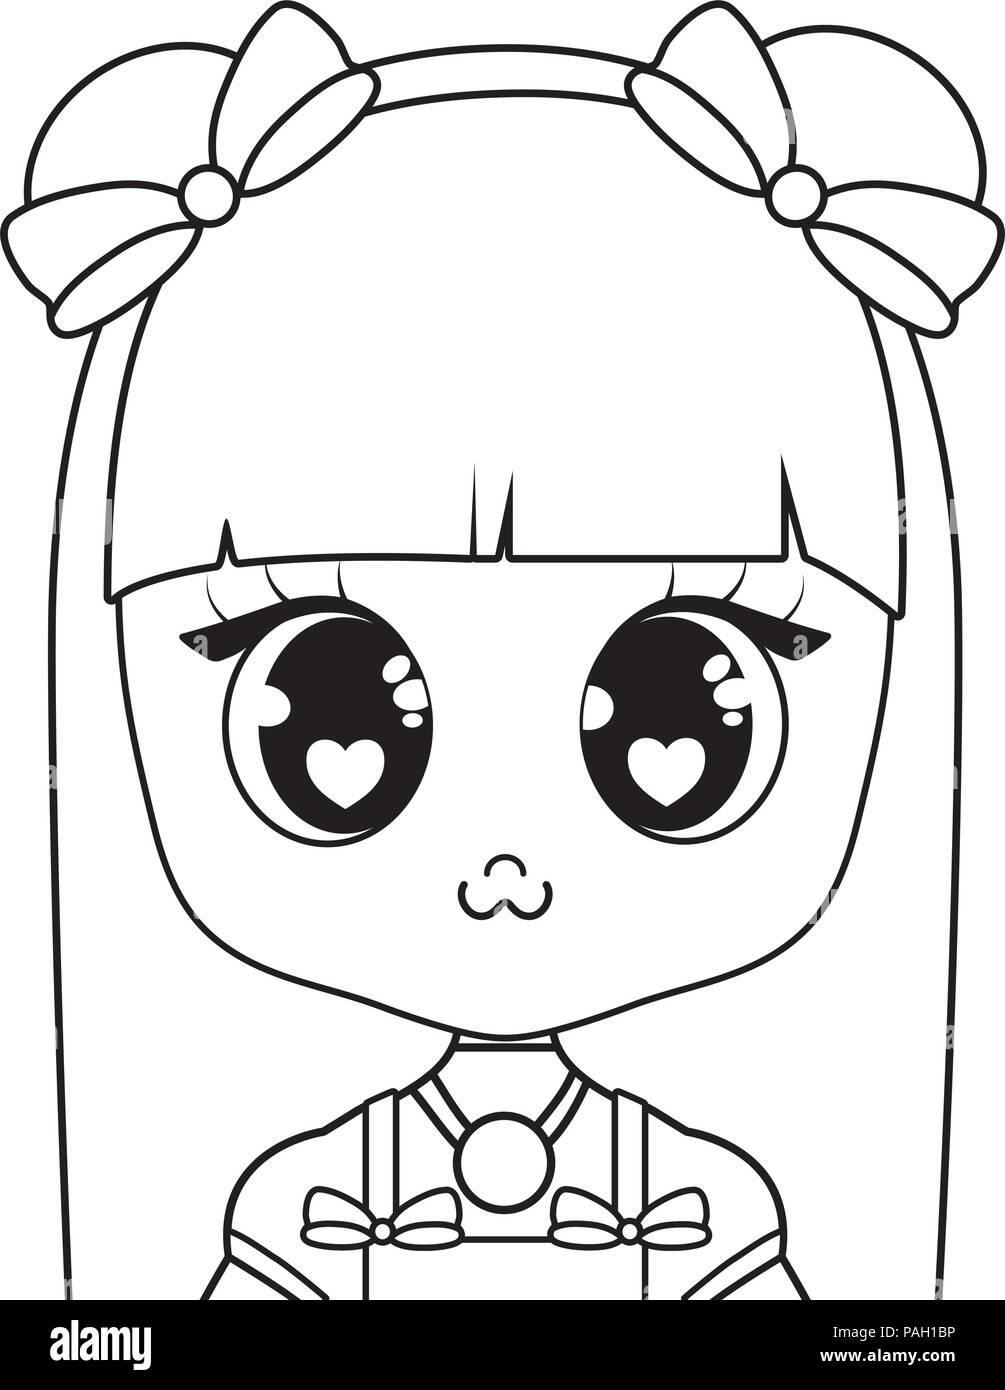 Anime Girl Character Over White Background Vector Illustration